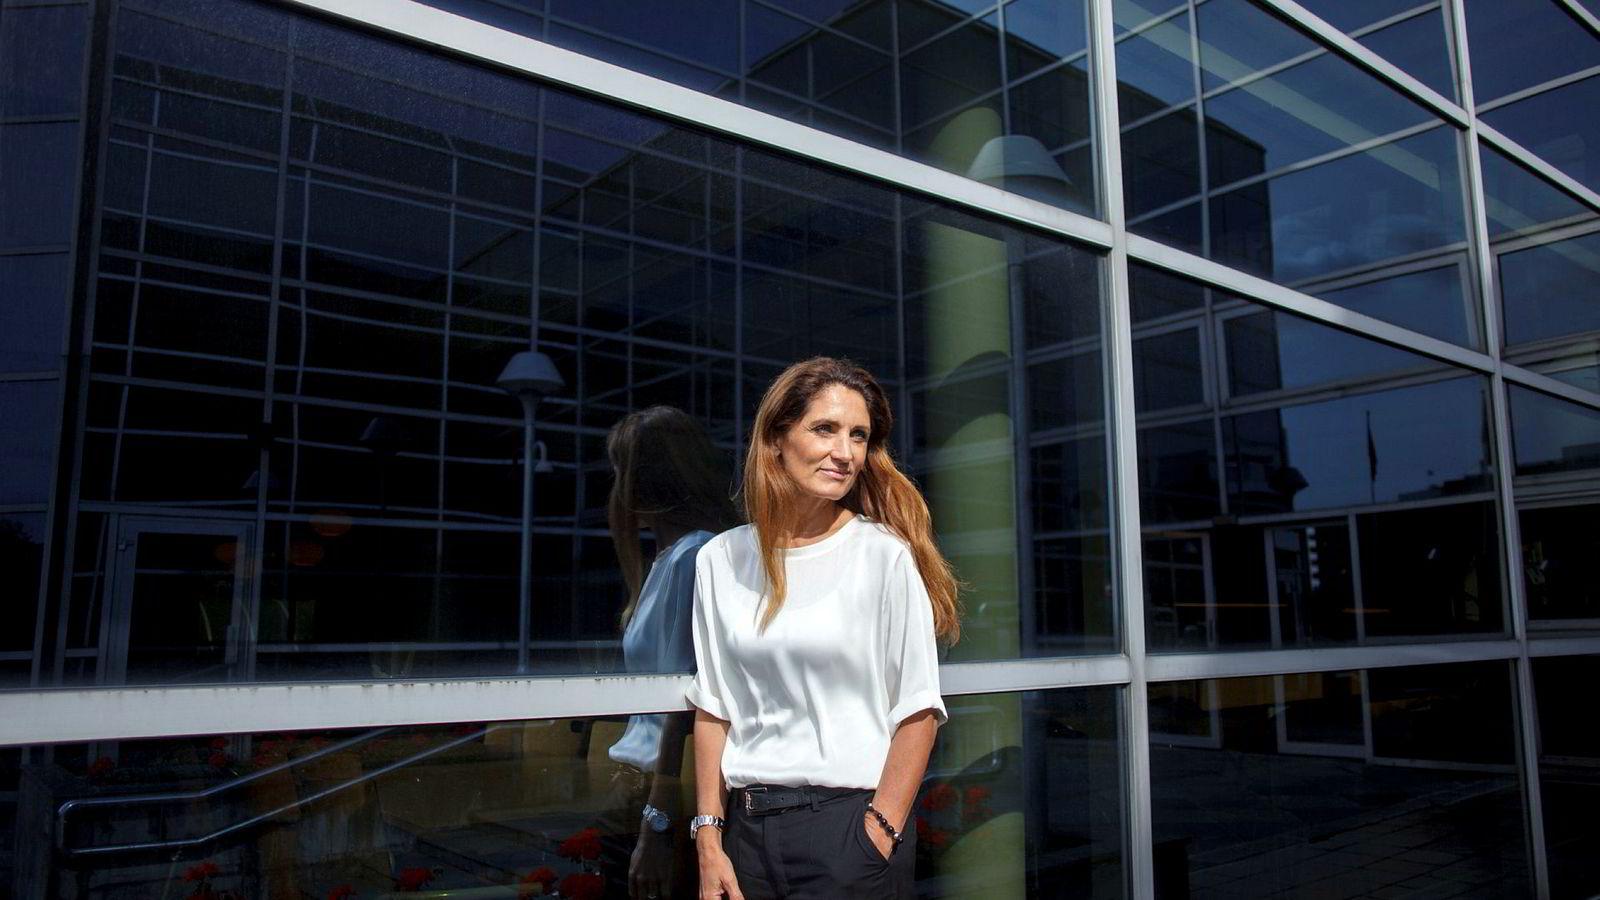 Administrerende direktør Tine Wollebekk i Bank Norwegian har levert en stabil, god fortjeneste på forbrukslån og kredittkort, og overskuddet før skatt var 1,2 milliarder kroner etter første halvår i år. Fra 2019 kan låneveksten begrenses av strengere regler.